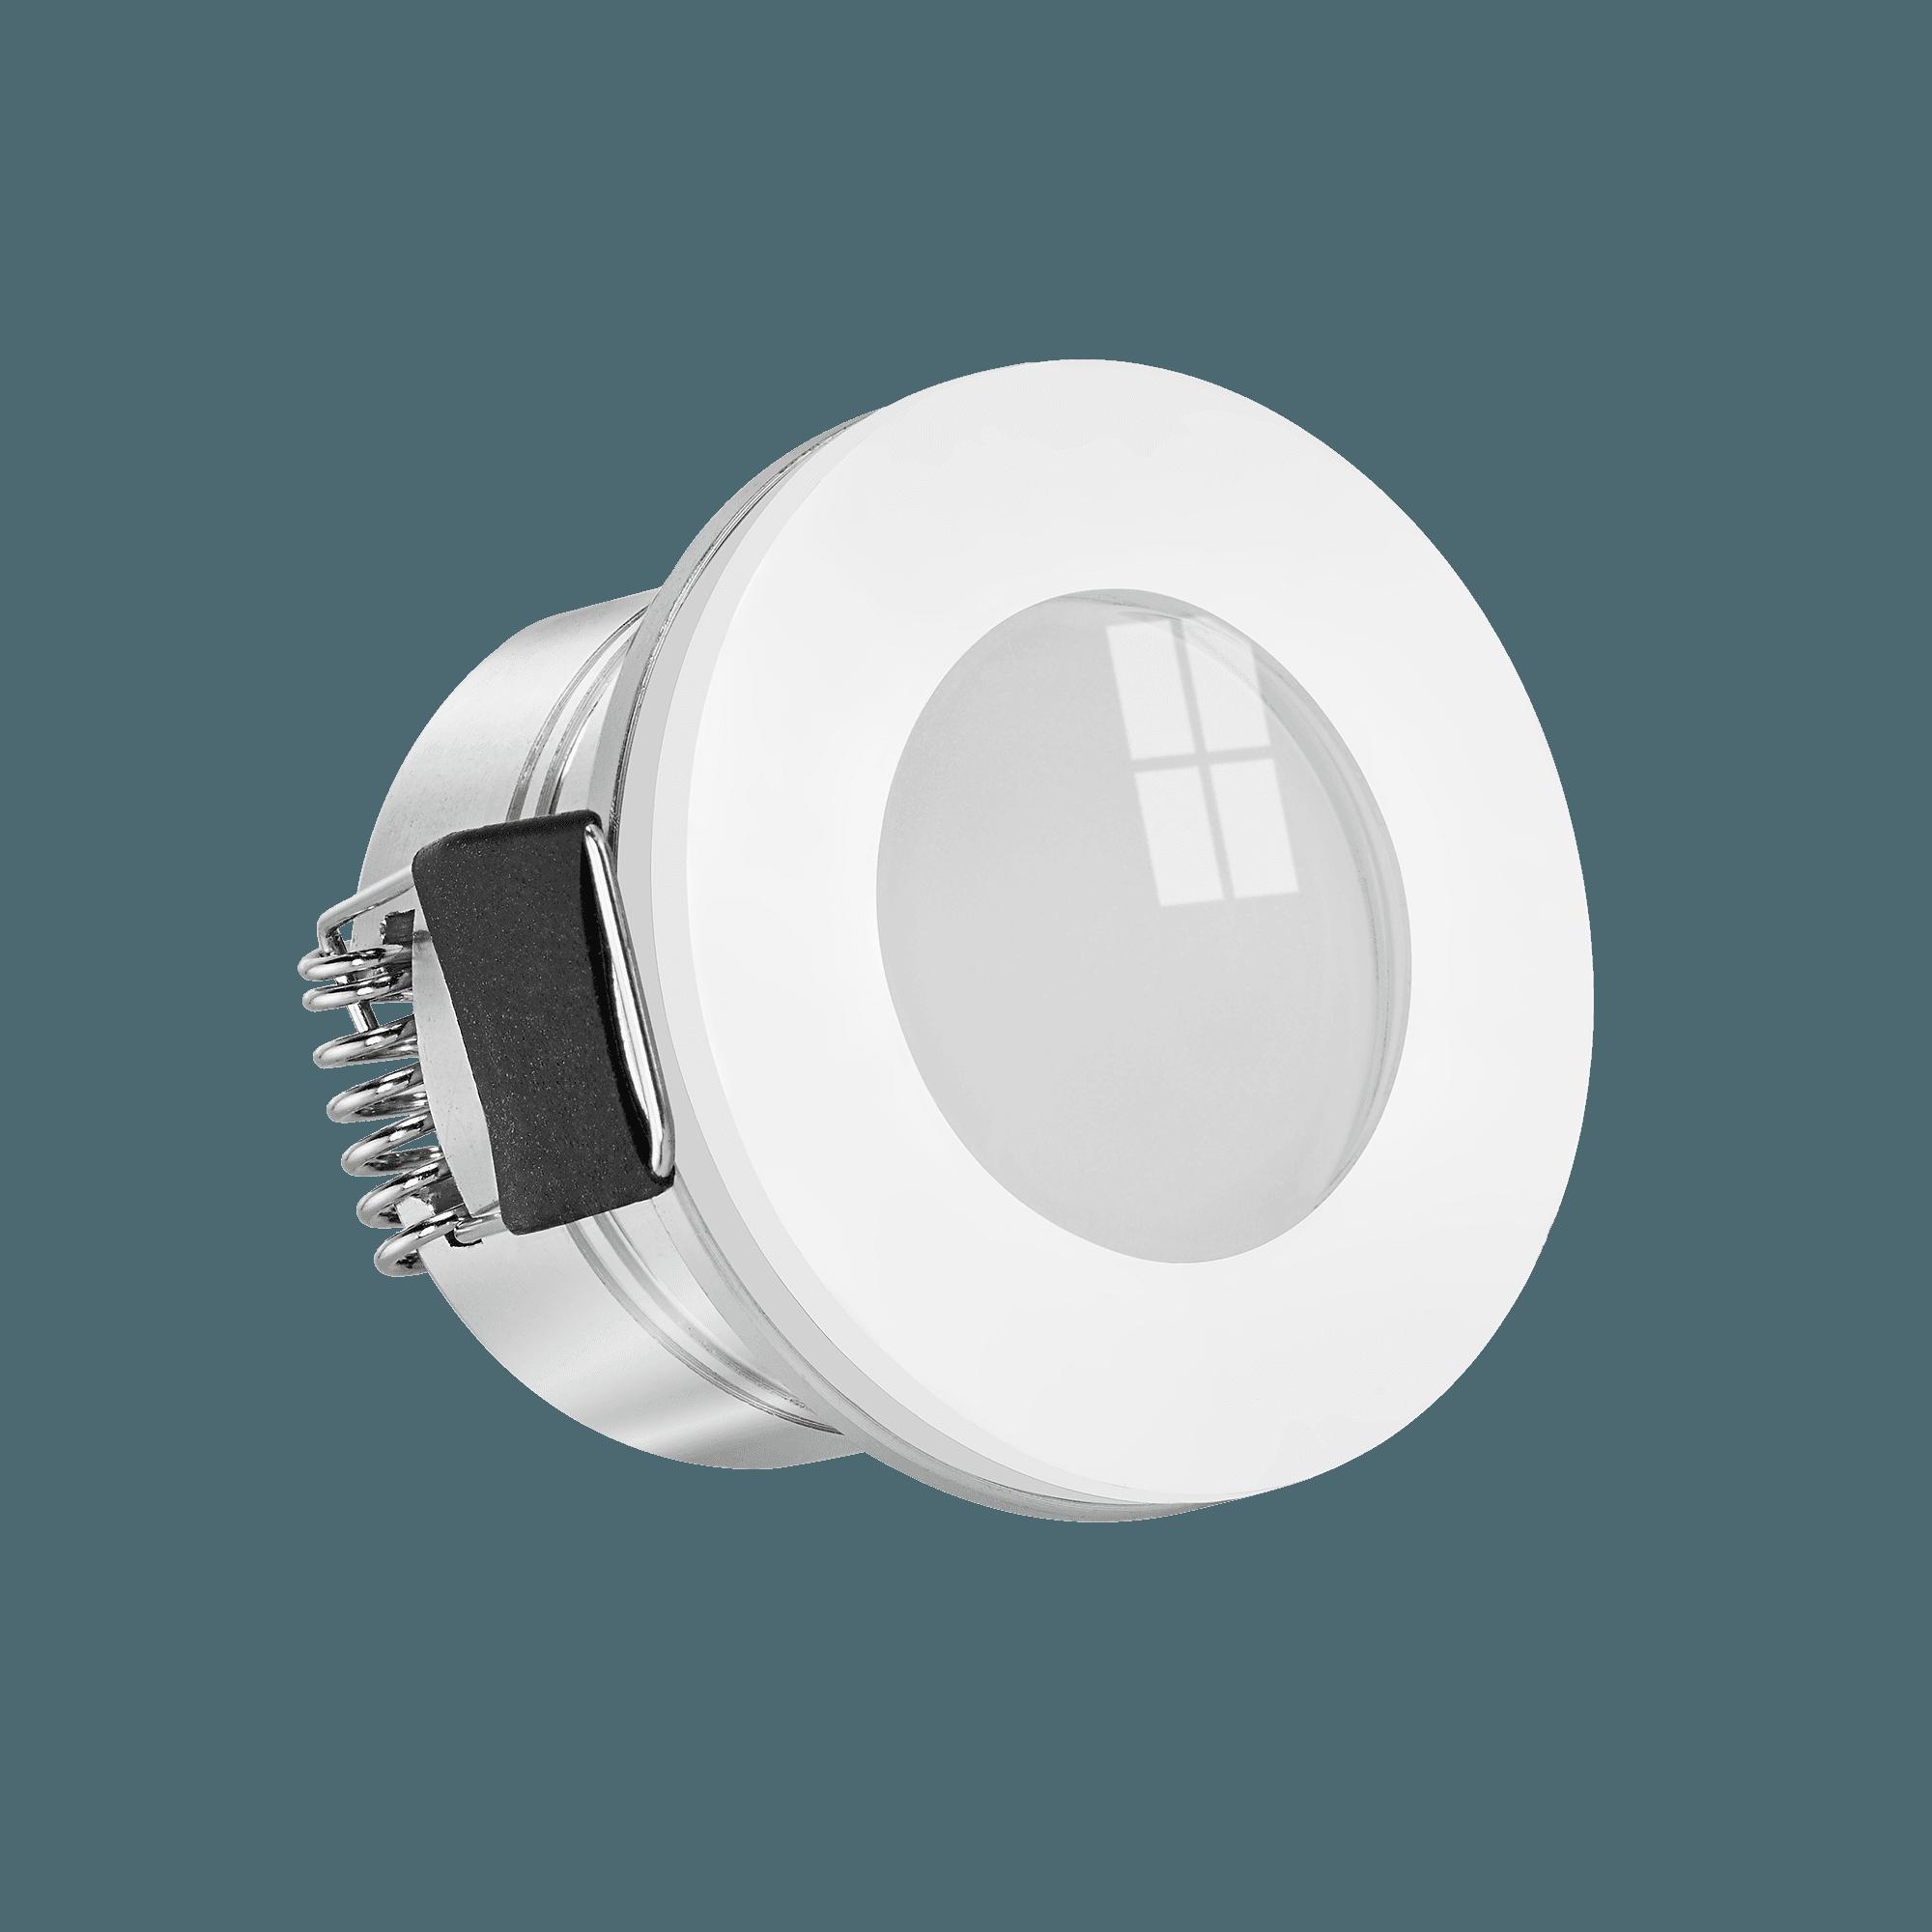 Mini Einbaustrahler StarLED Sonne & Mond weiß DC 20V leuchtet vorne &  seitlich Aluminium 20,20W auch für Smart Home   KNX, DALI, usw. IP20